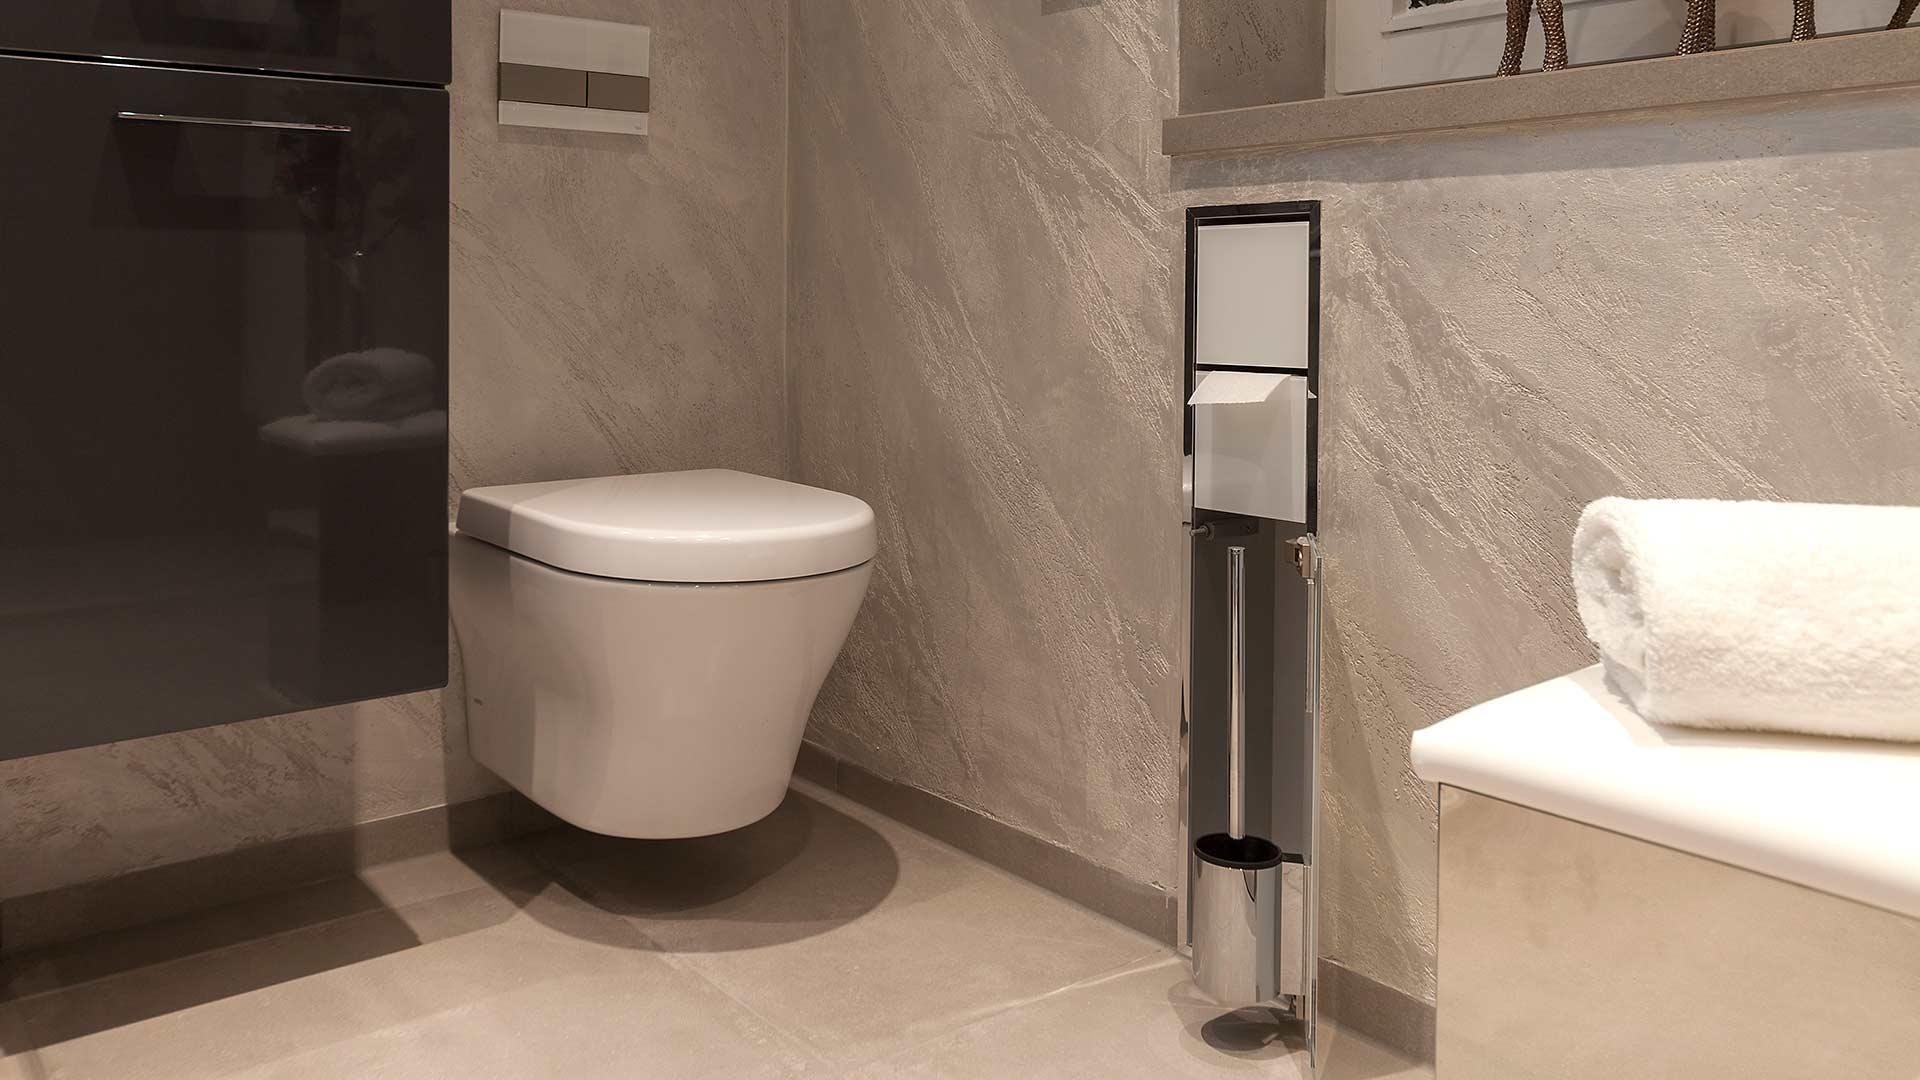 Kalkputz Bad  Badezimmer Verputzen Oder Fliesen  Badezimmer Blog